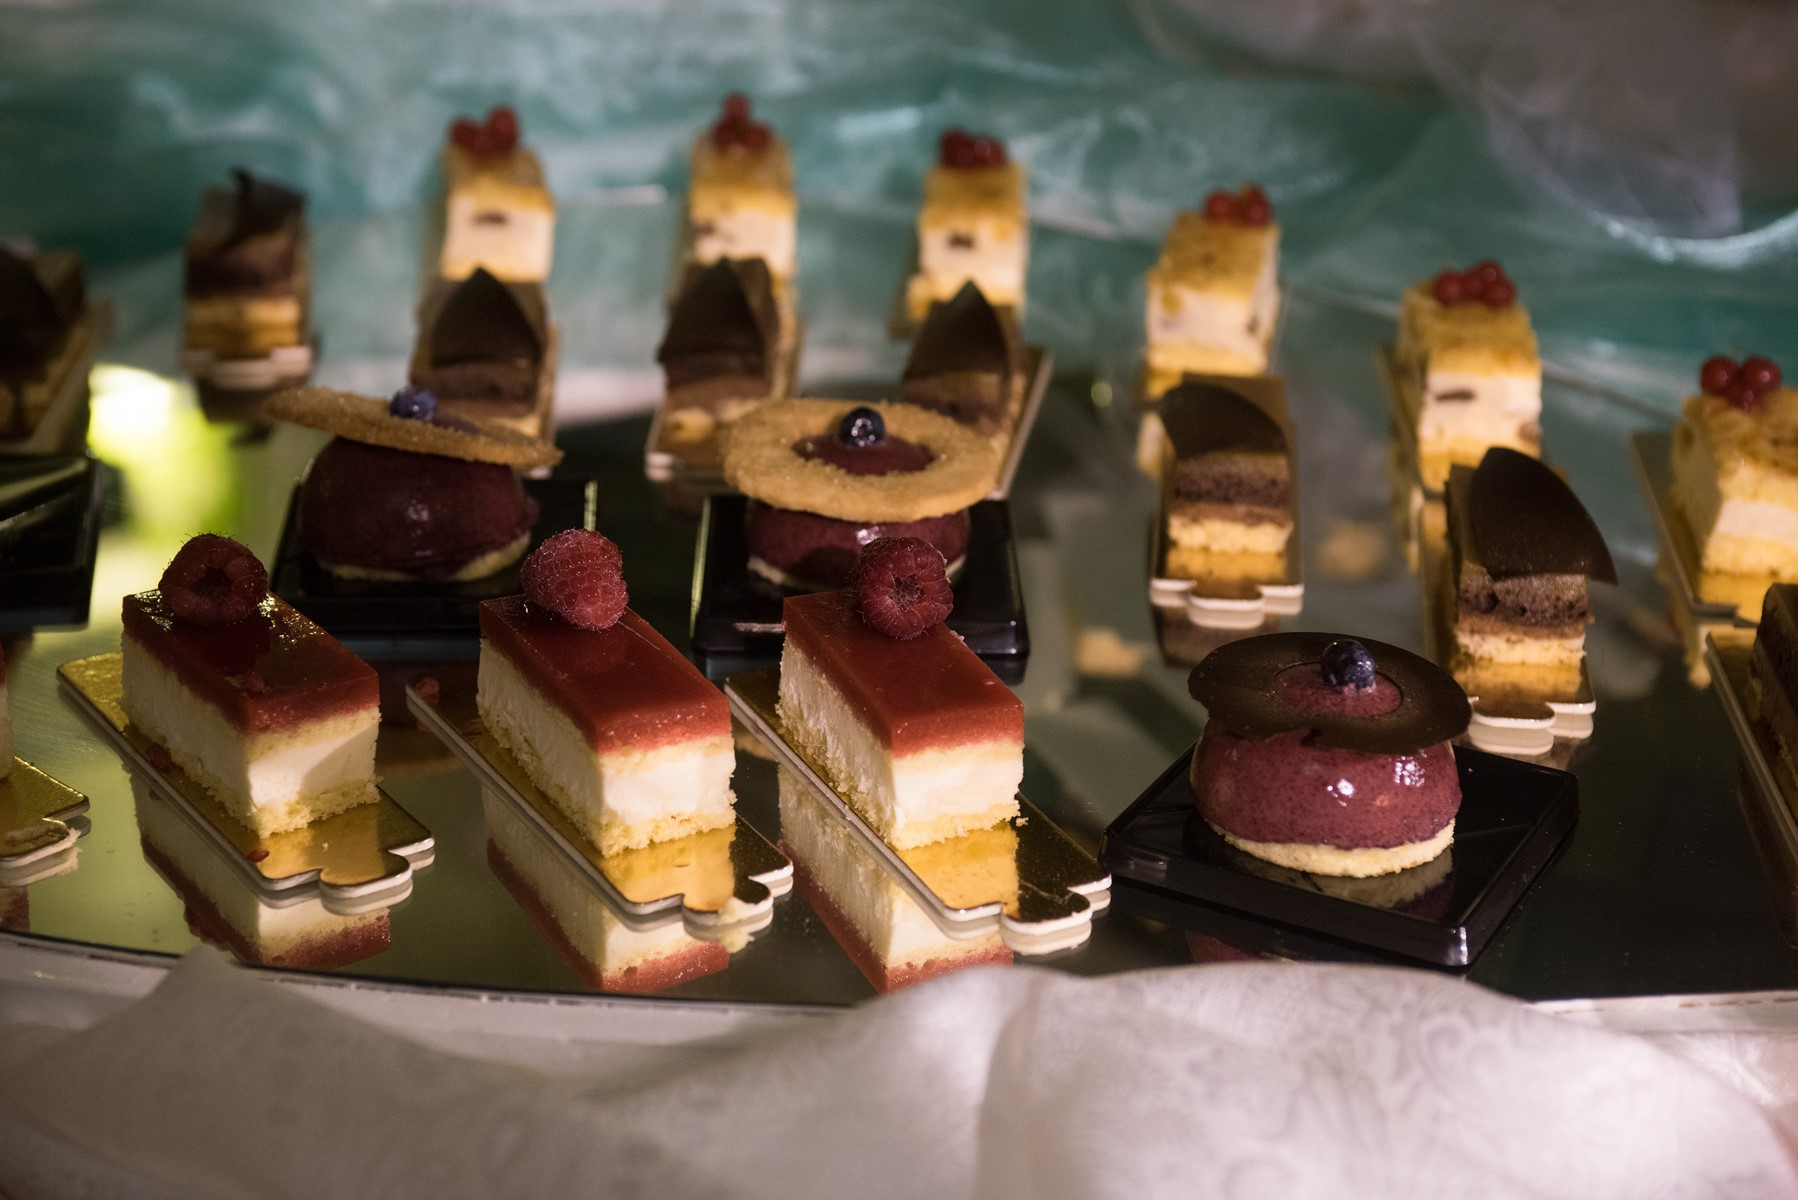 Buffet Di Dolci Per Compleanno : Buffet di frutta e dolci per ° compleanno picture of abc del